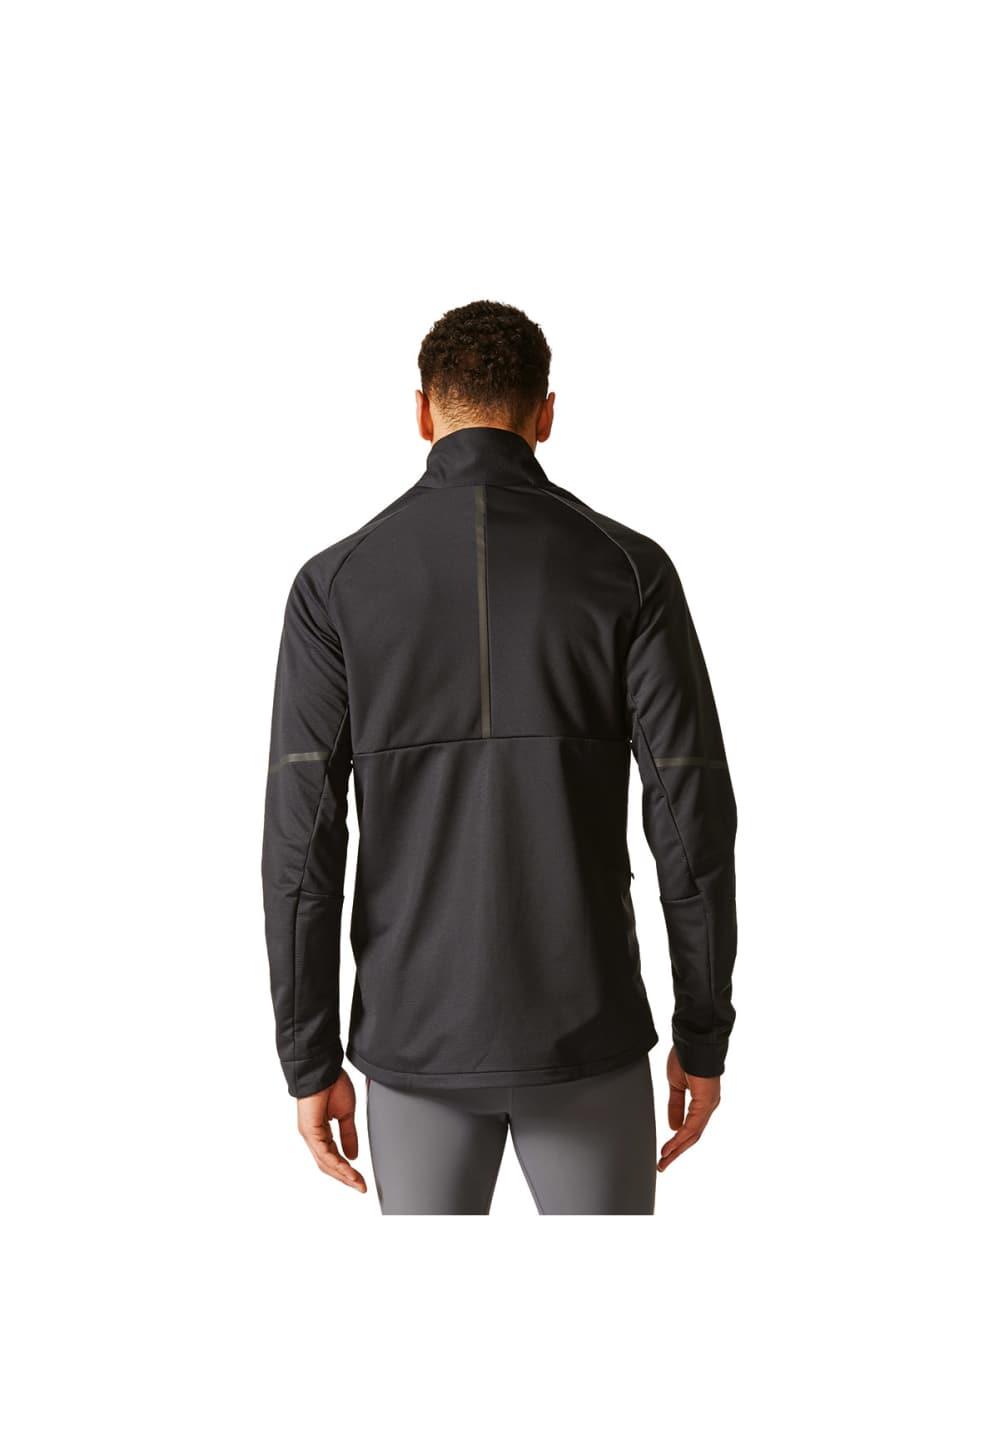 adidas Ultra Energy Jacket Vestes course pour Homme Vert